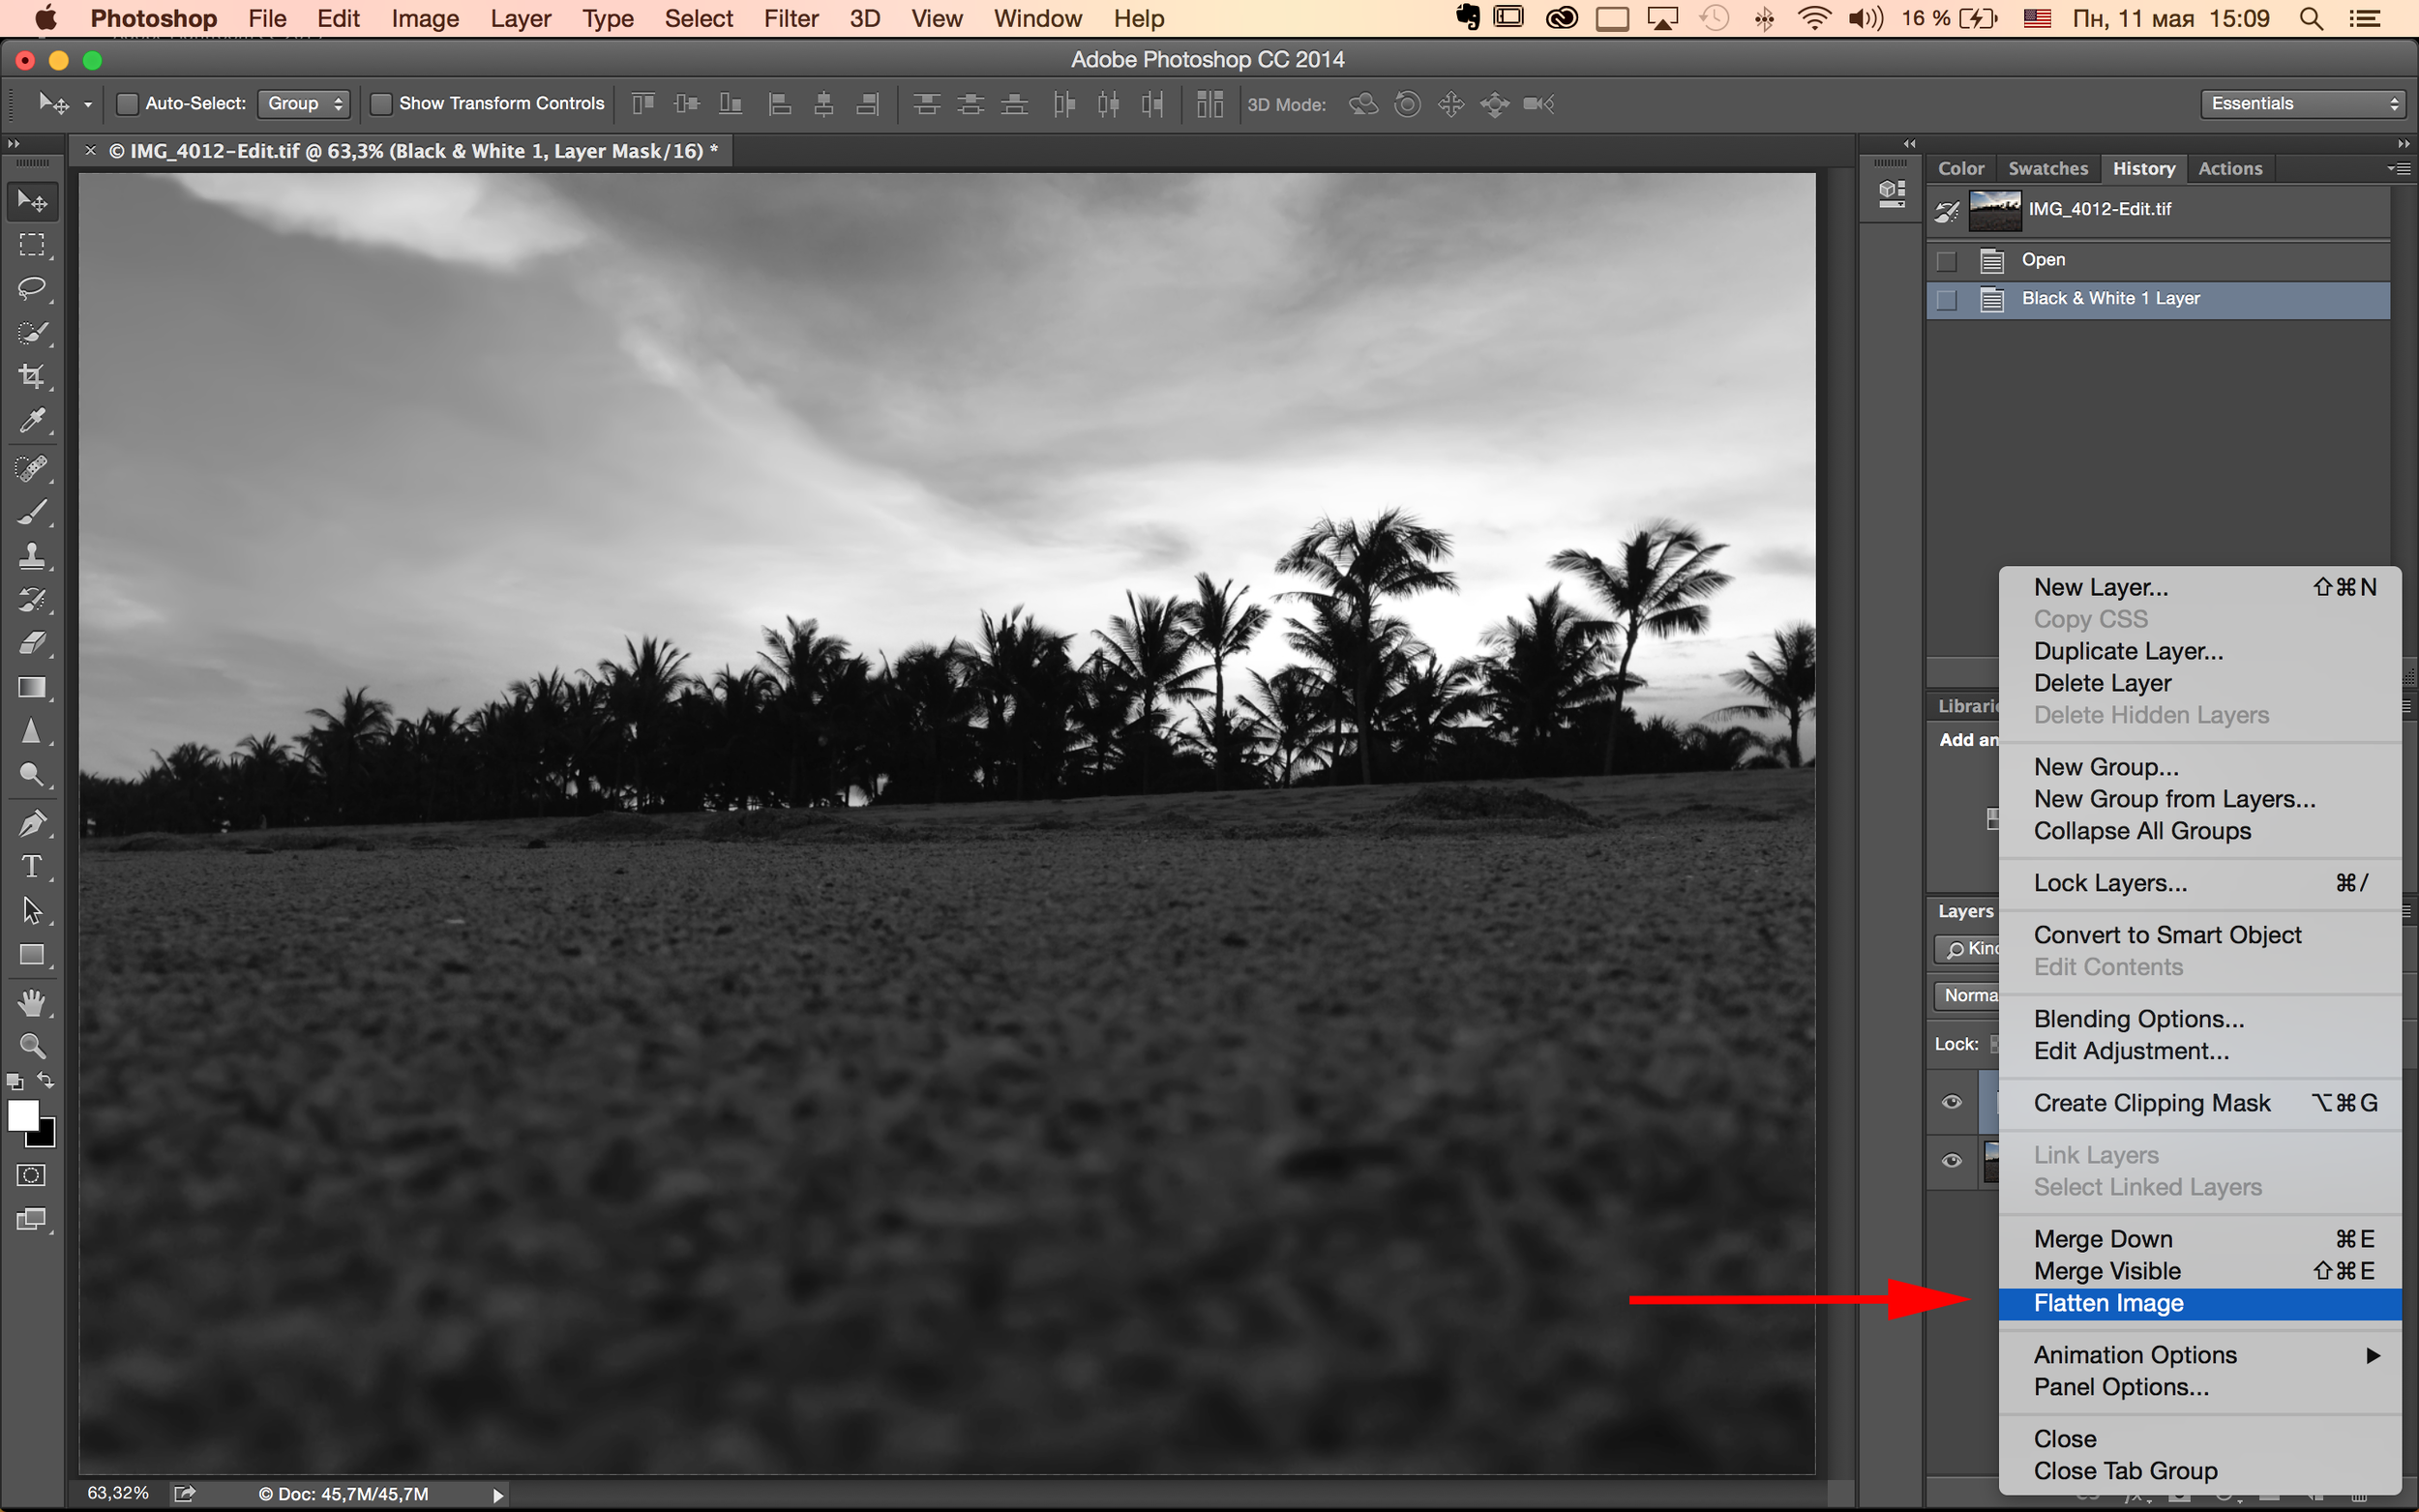 Открытка годовщине, как сделать черно белую картинку в фотошопе